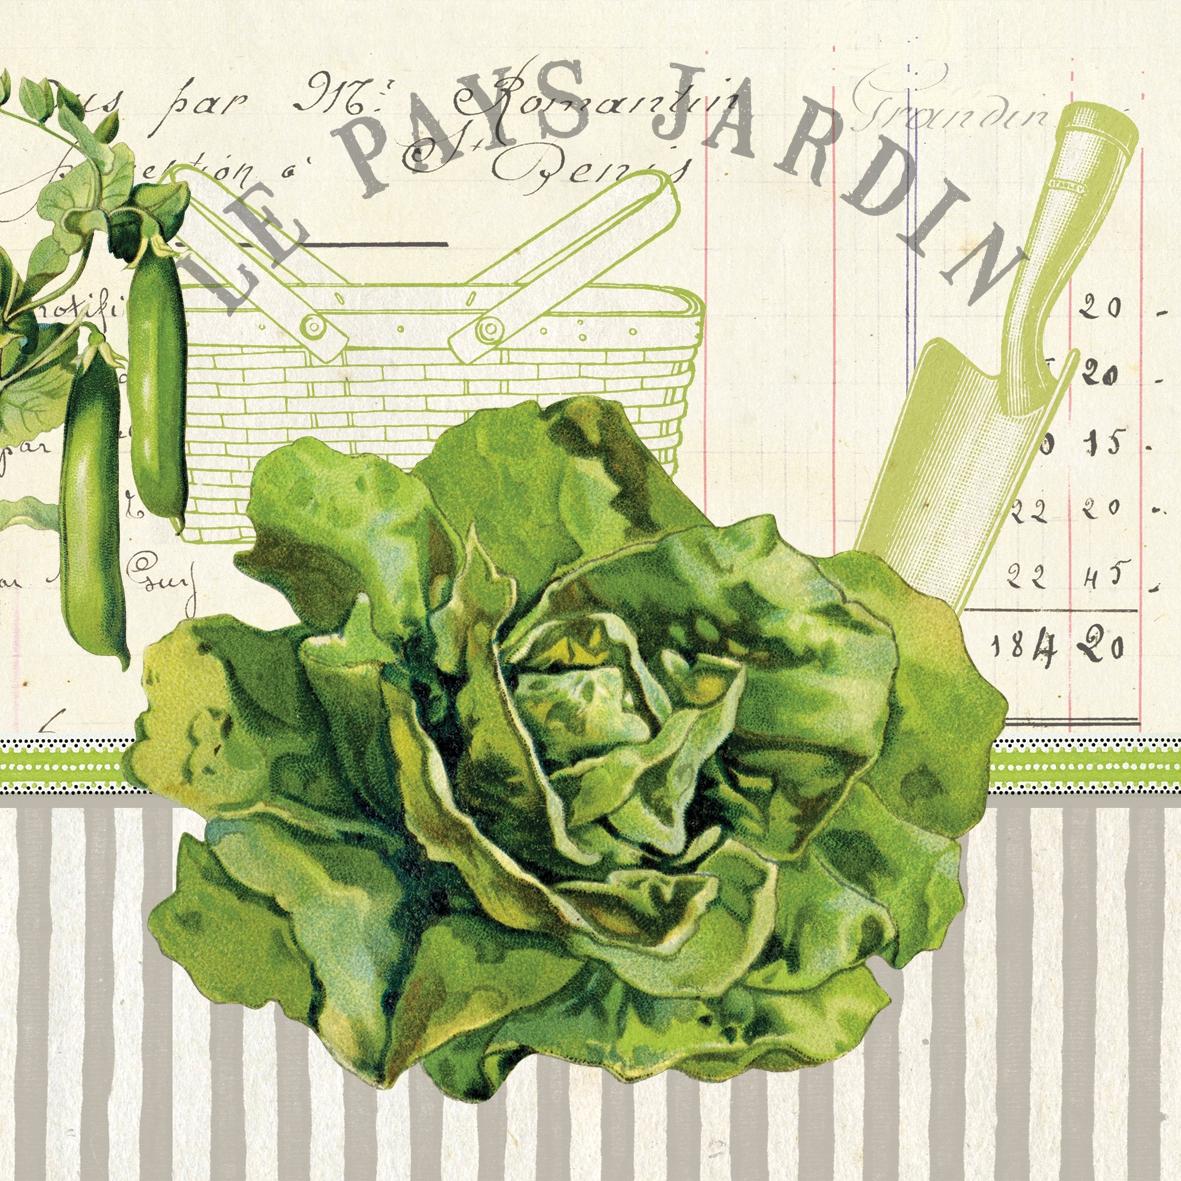 Servietten nach Motiven,  Sonstiges - Schriften,  Gemüse - Salat,  Everyday,  lunchservietten,  Erbsen,  Schriften,  Salat